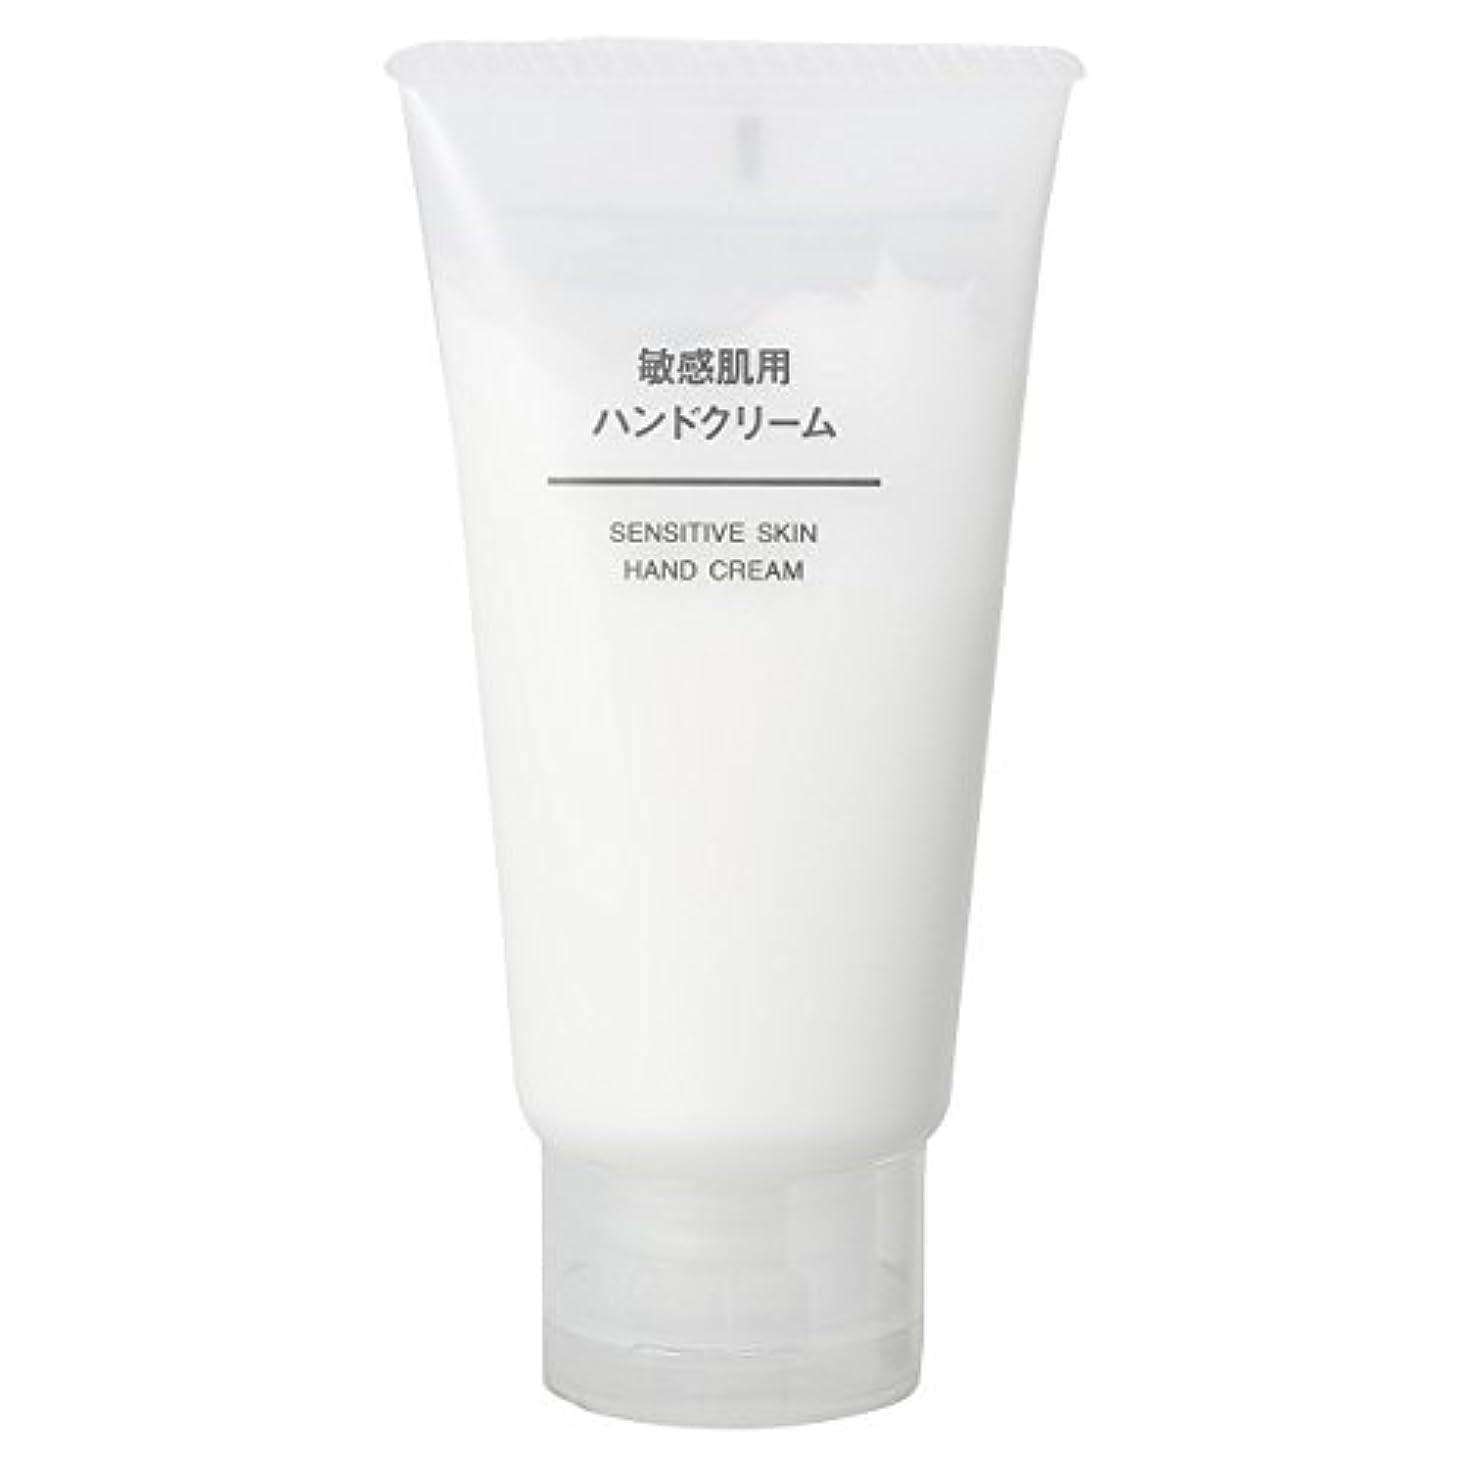 の配列六分儀本気無印良品 敏感肌用 ハンドクリーム 50g 日本製